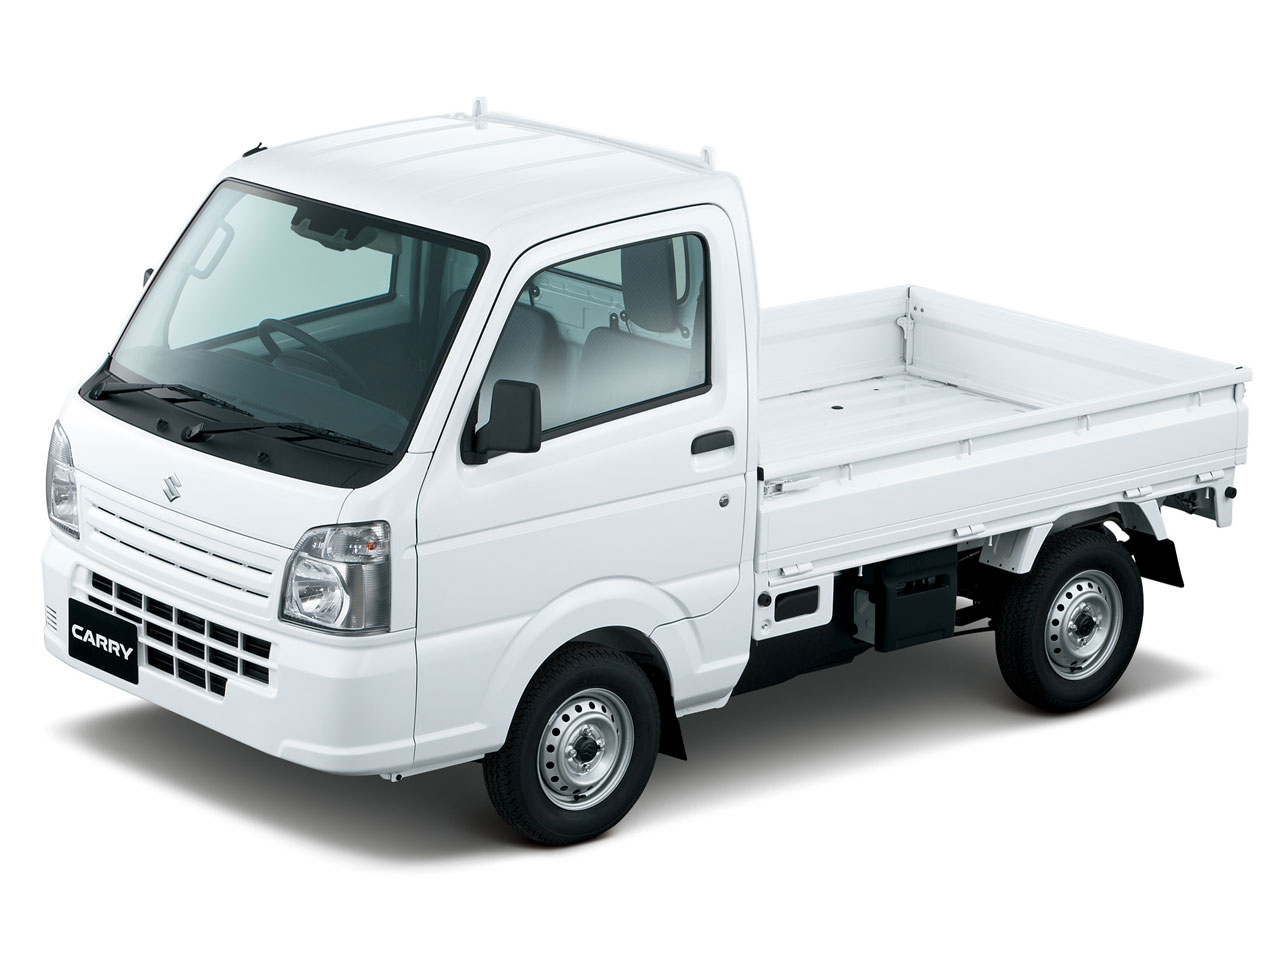 スズキ キャリイ 2013年モデル 新車画像